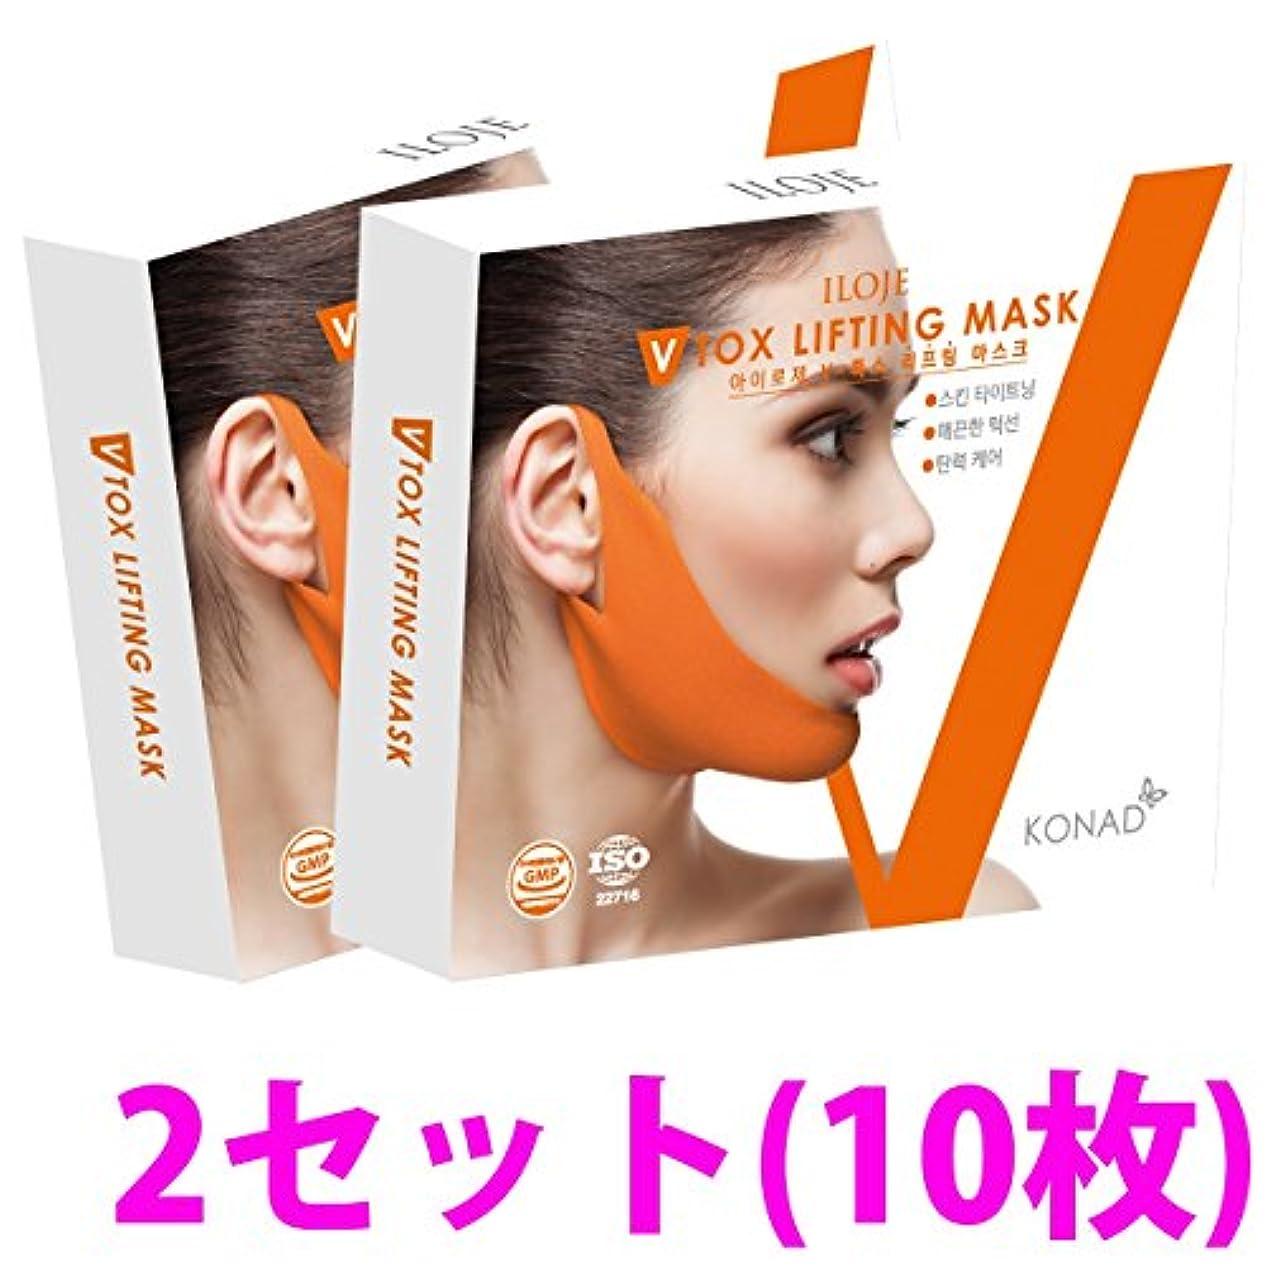 一流子猫開発女性の年齢は顎の輪郭で決まる!V-TOXリフティングマスクパック 2セット(10枚)